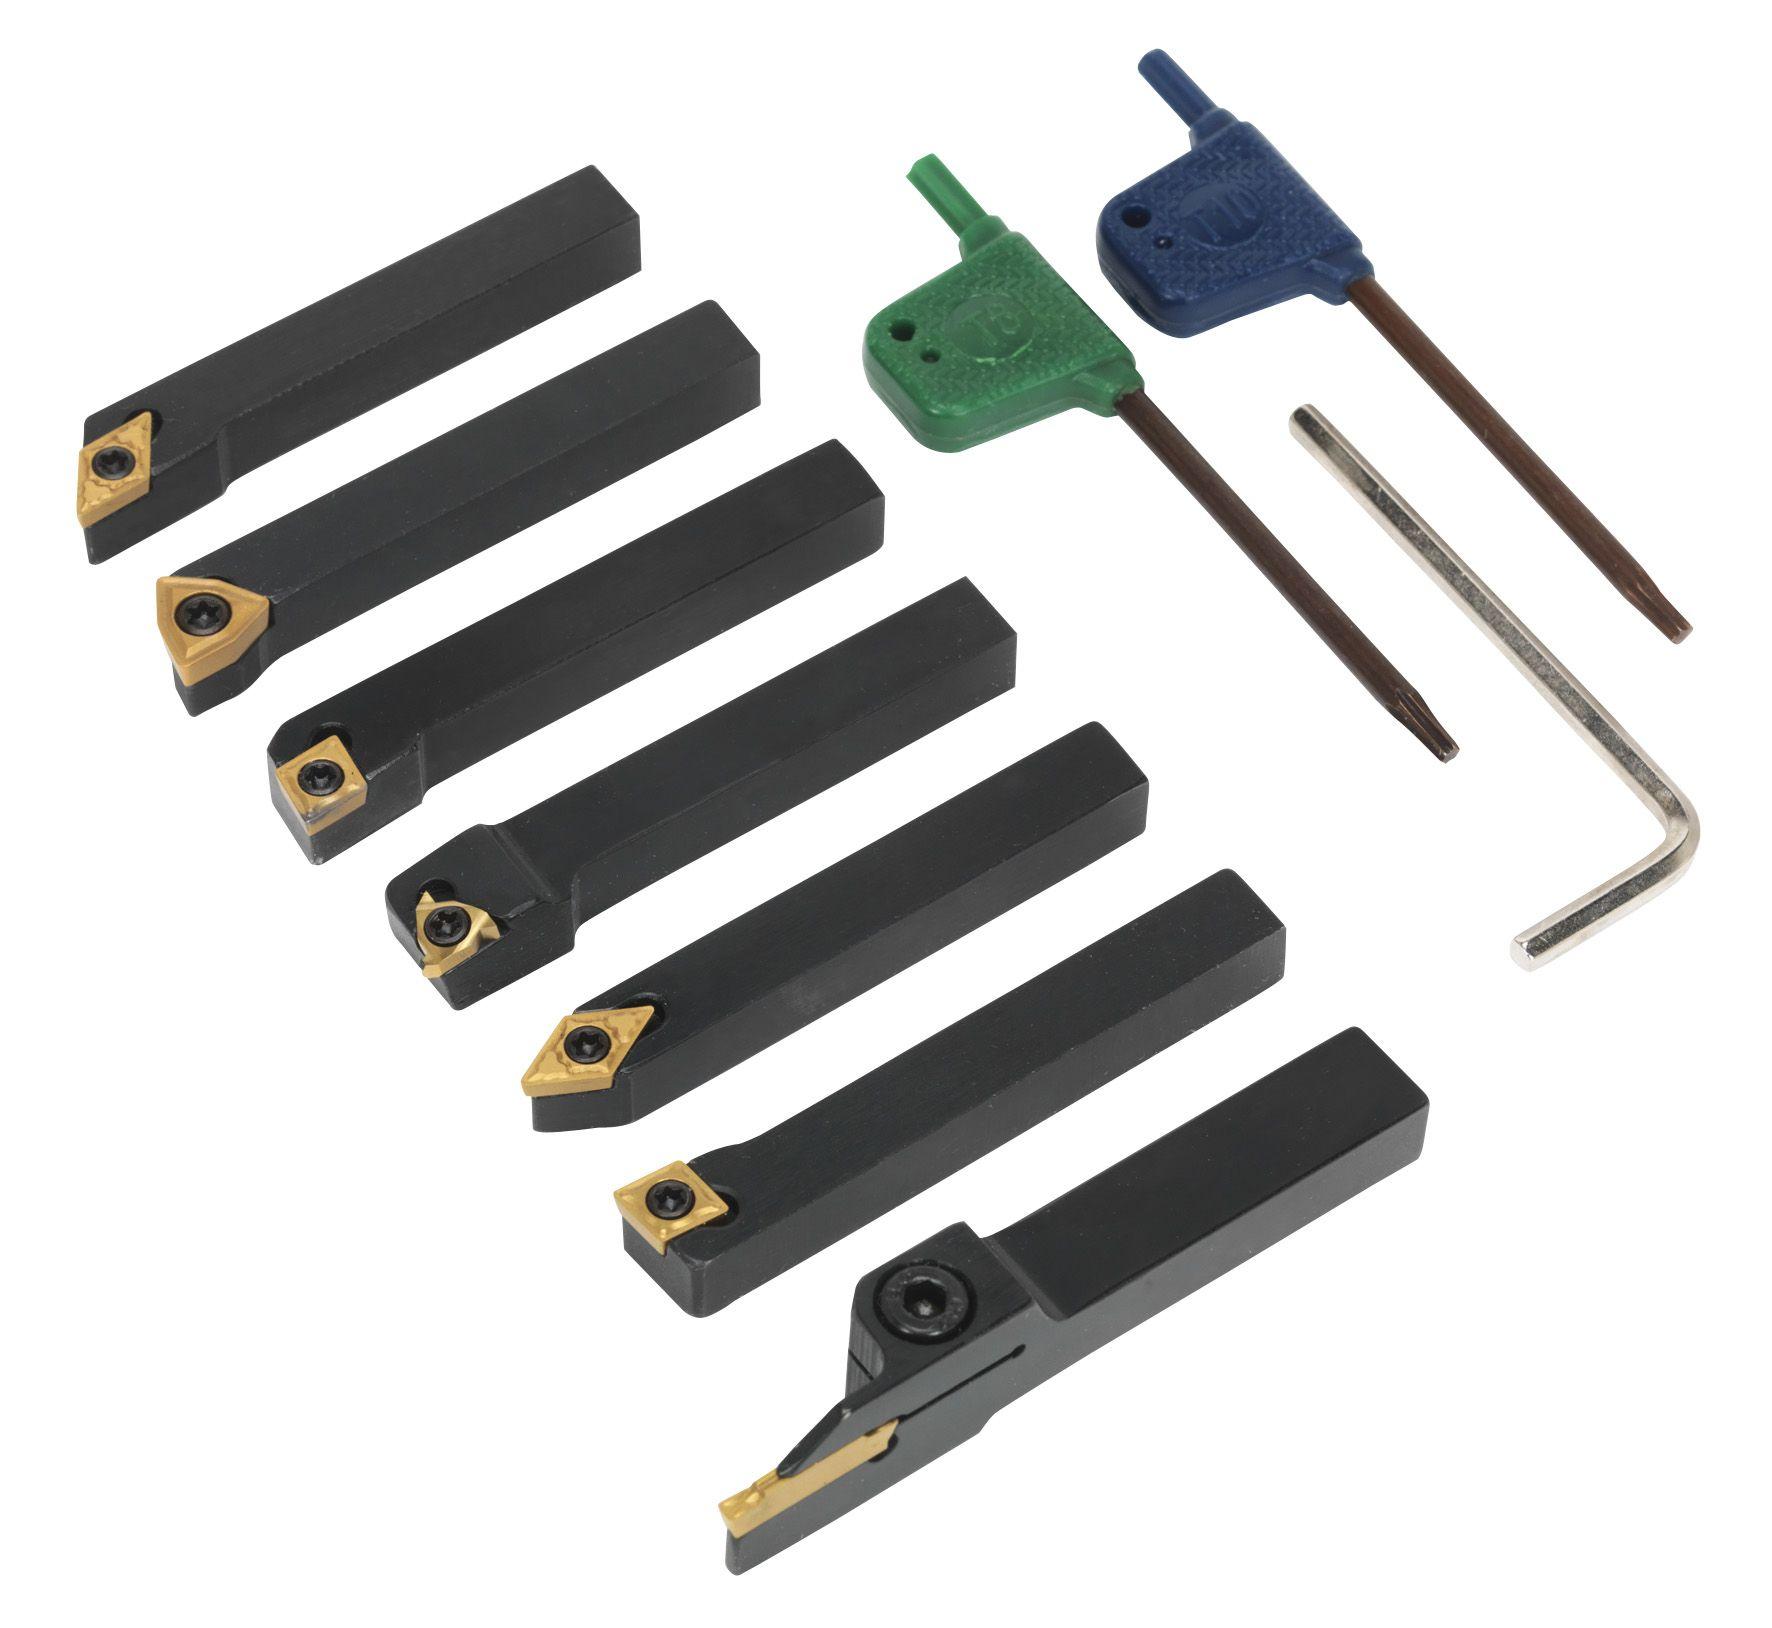 Sealey Indexable 8mm Lathe Turning Tool Set 7pc